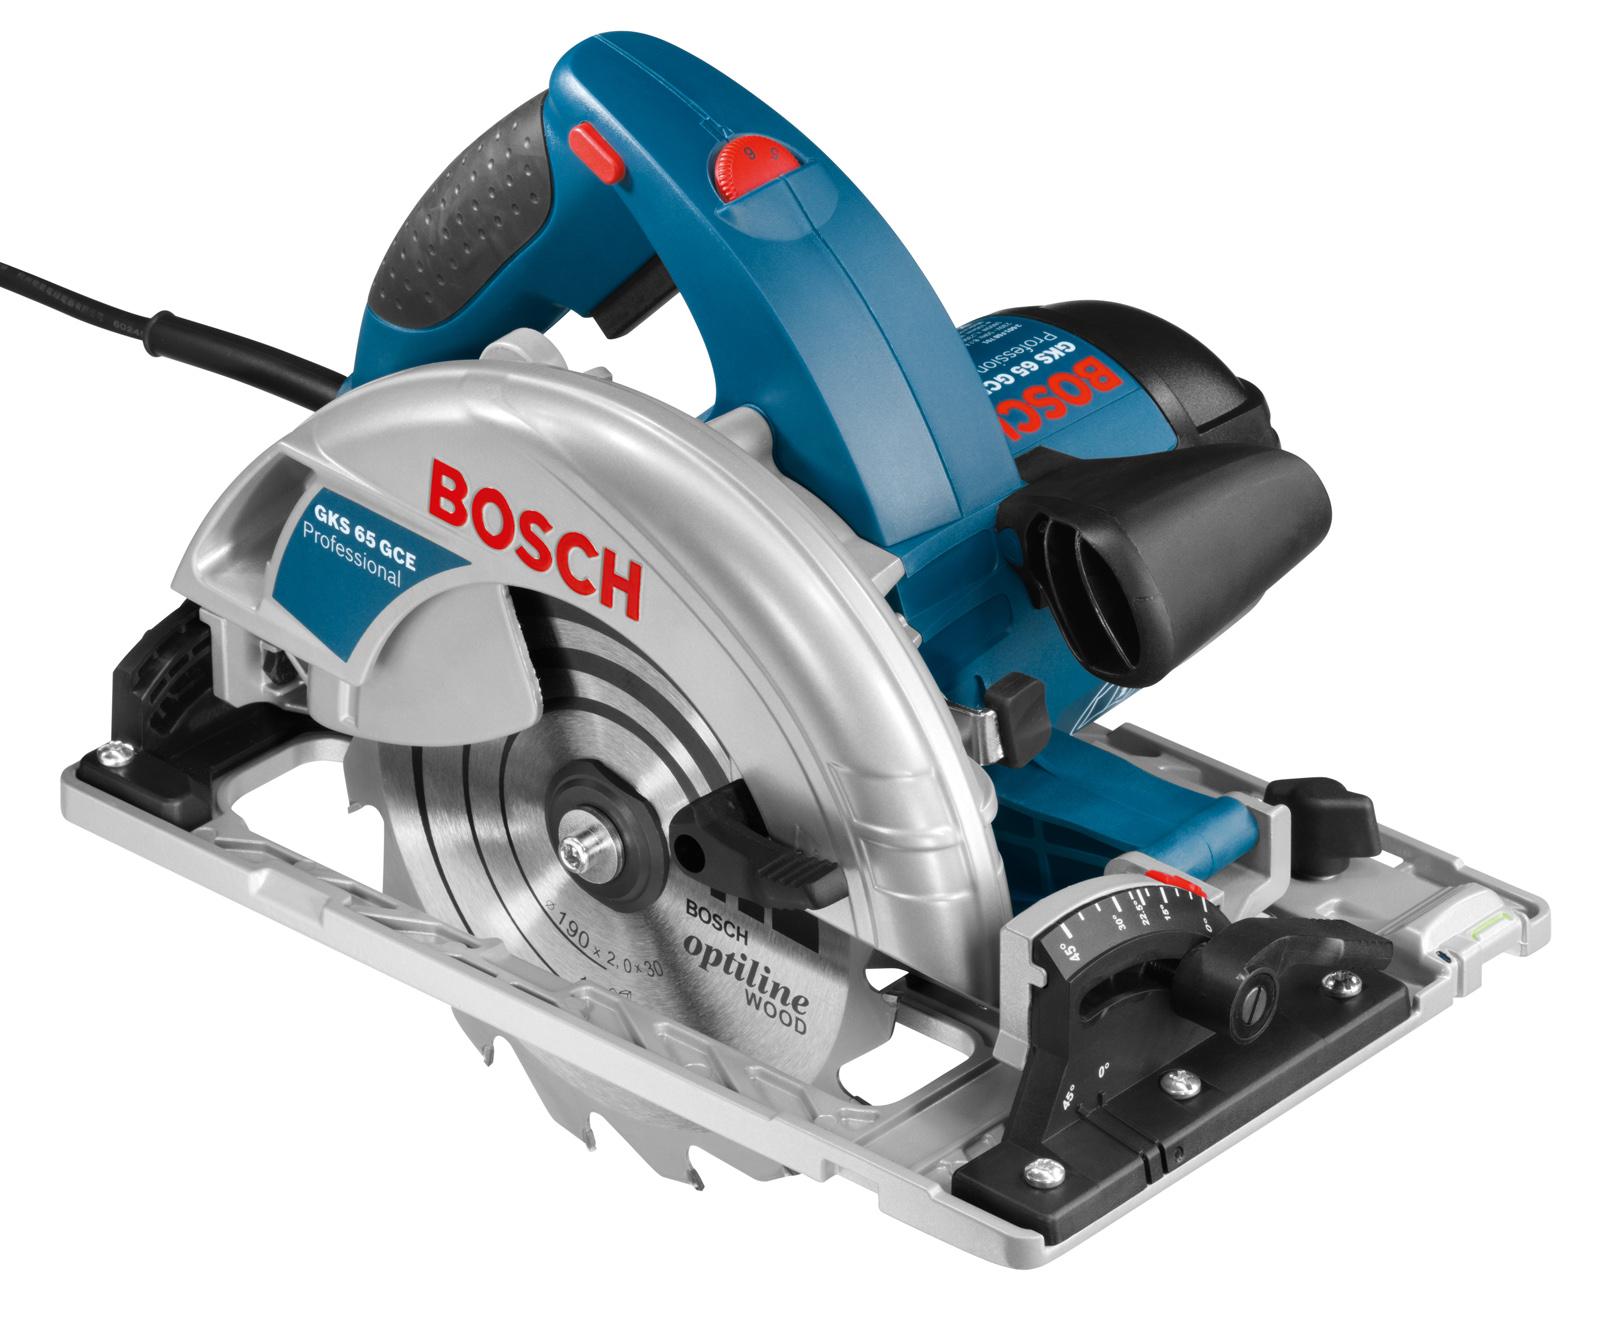 Пила циркулярная Bosch Gks 65 gce (0.601.668.900) дисковая пила bosch gks 190 0 601 623 000